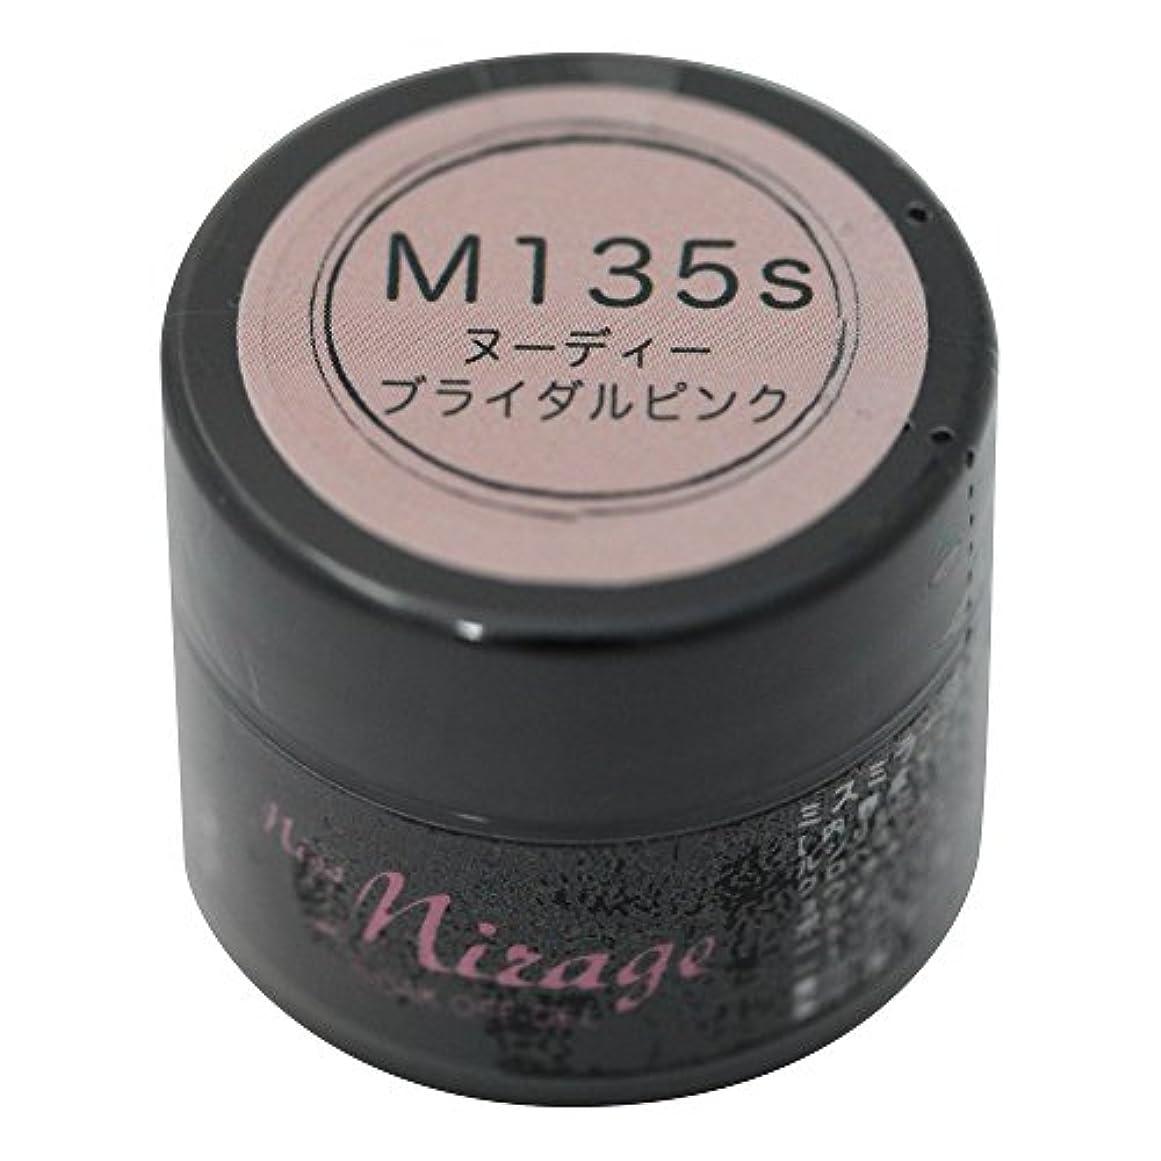 暴君切る退化するMiss Mirage M135S ヌーディーブライダルピンク 2.5g UV/LED対応タイオウ